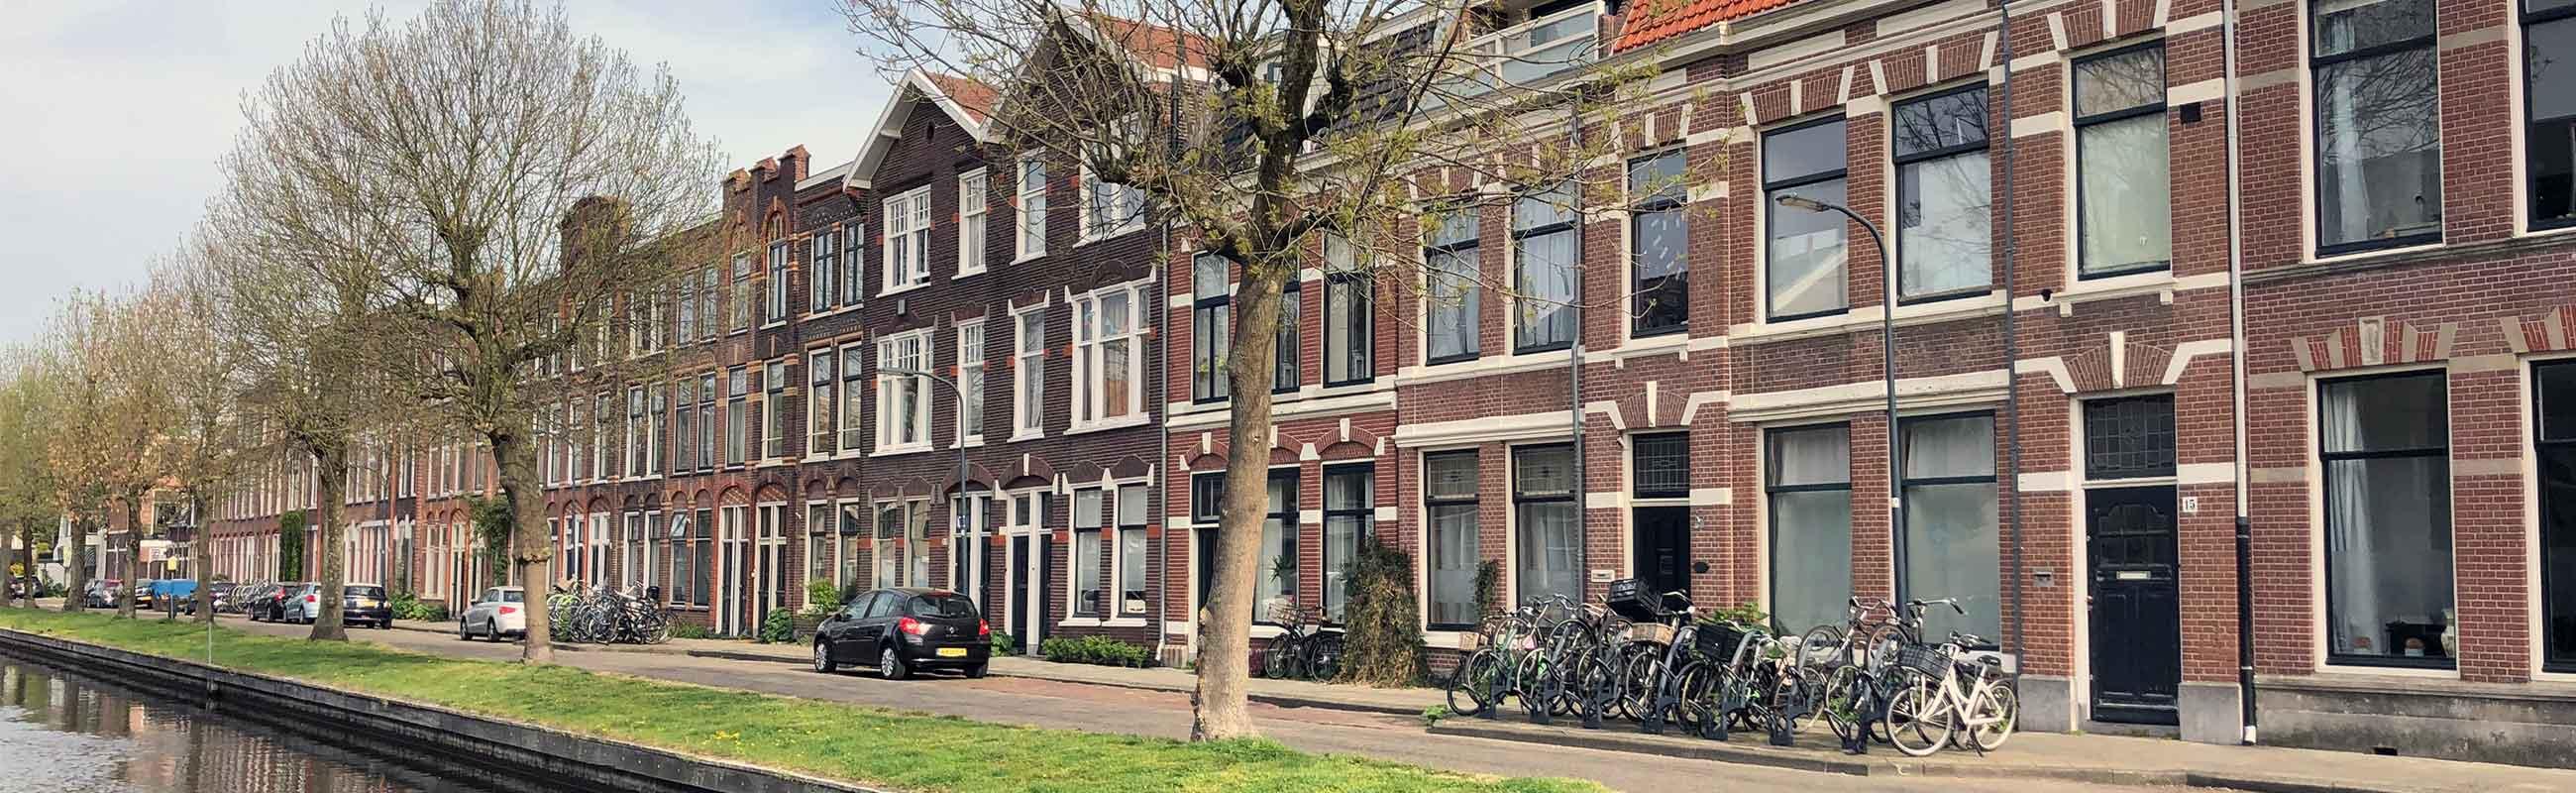 Koop- en huurwoningen in het Zijlwegkwartier in Haarlem Zuidwest